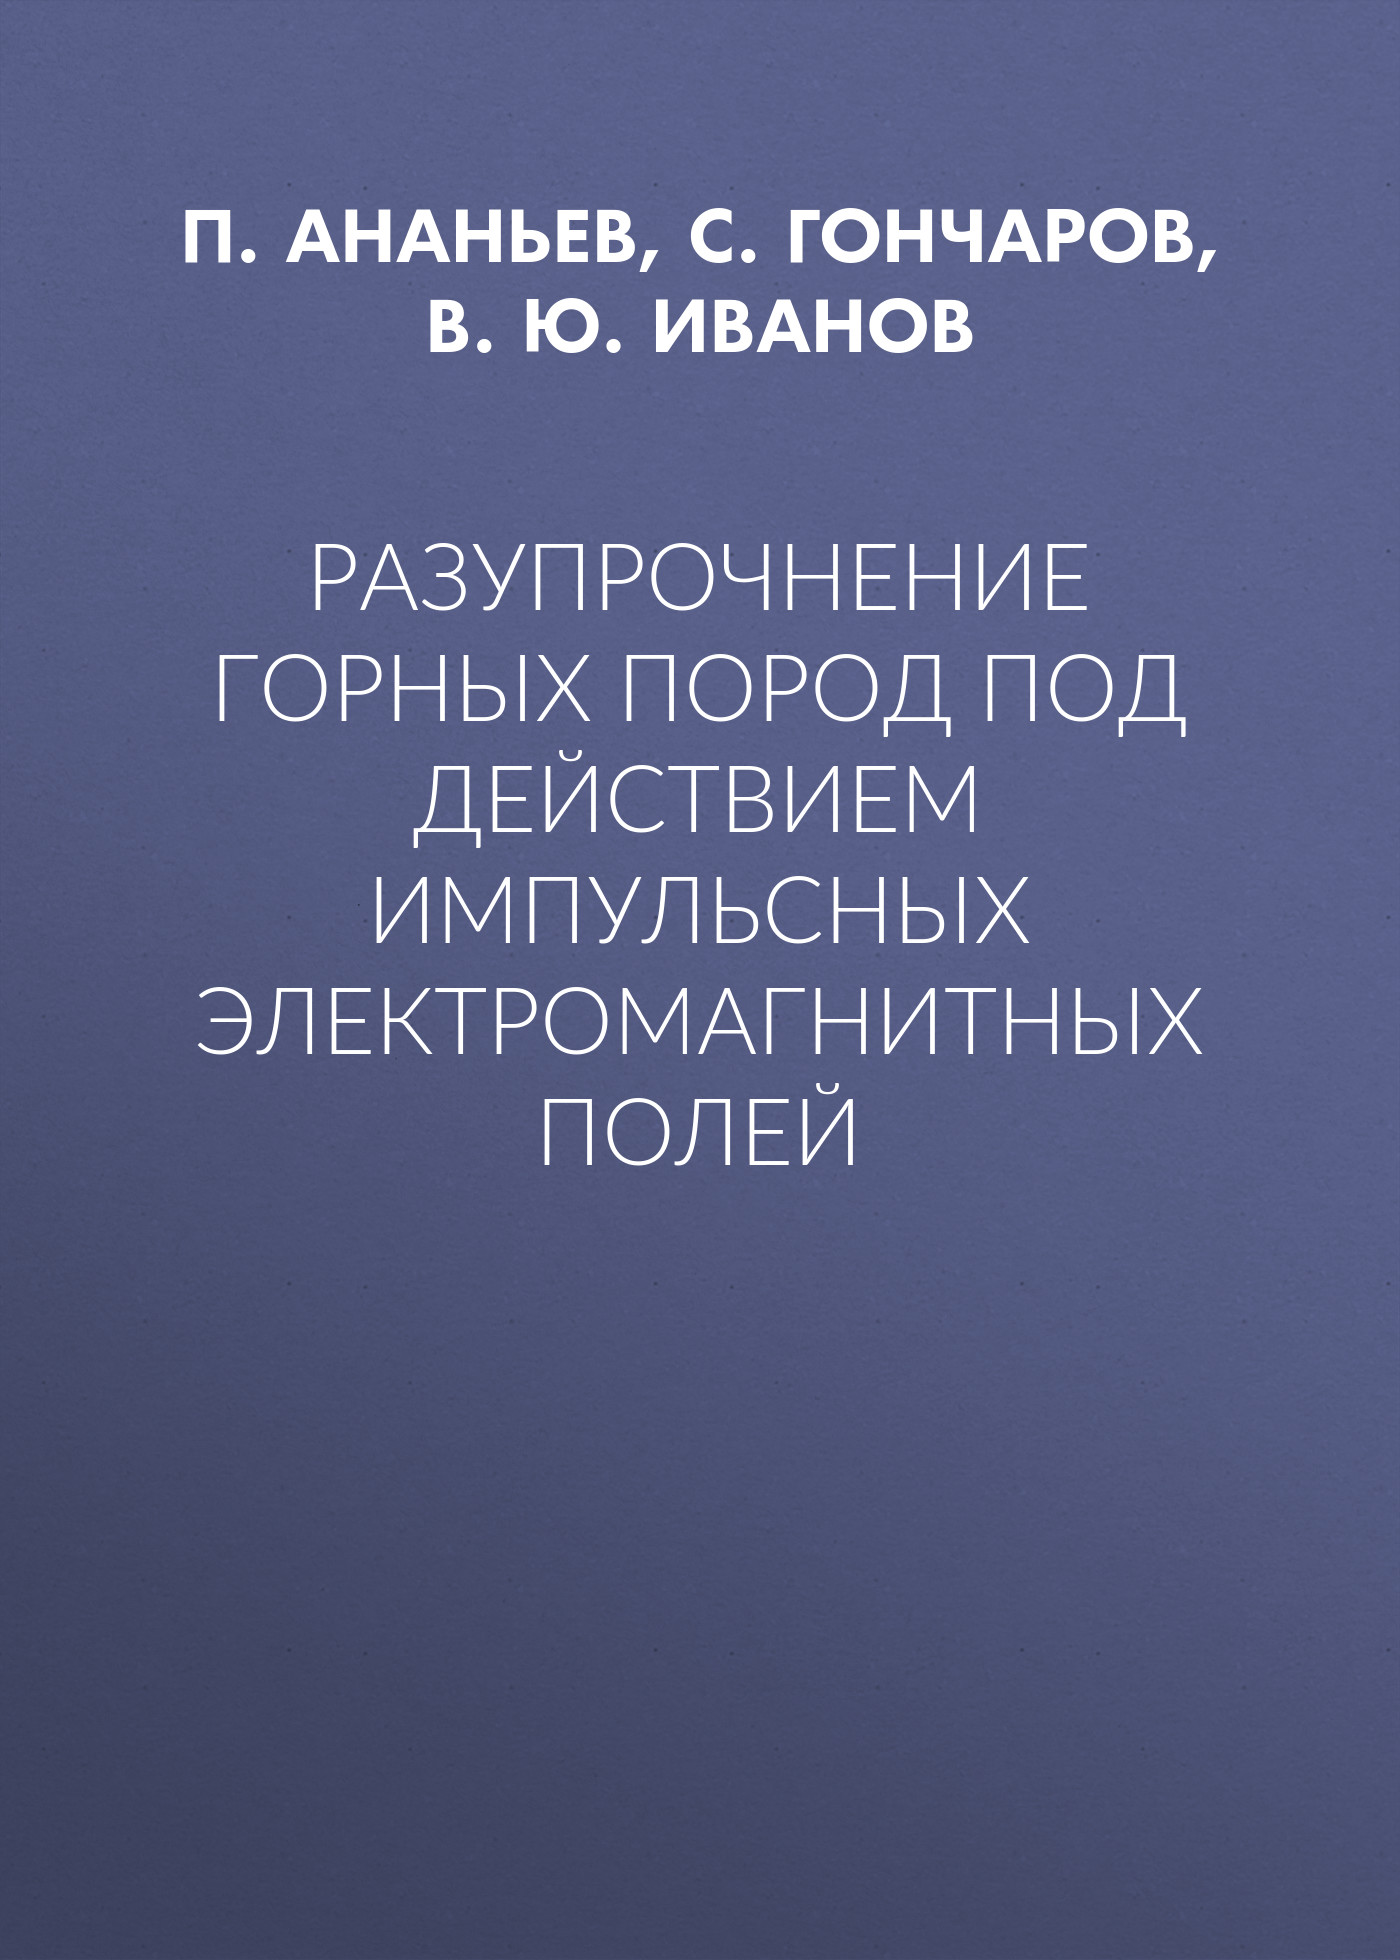 В. Ю. Иванов Разупрочнение горных пород под действием импульсных электромагнитных полей в гнитиенко особенности деформирования образцов горных пород в предразрушающей стадии нагружения